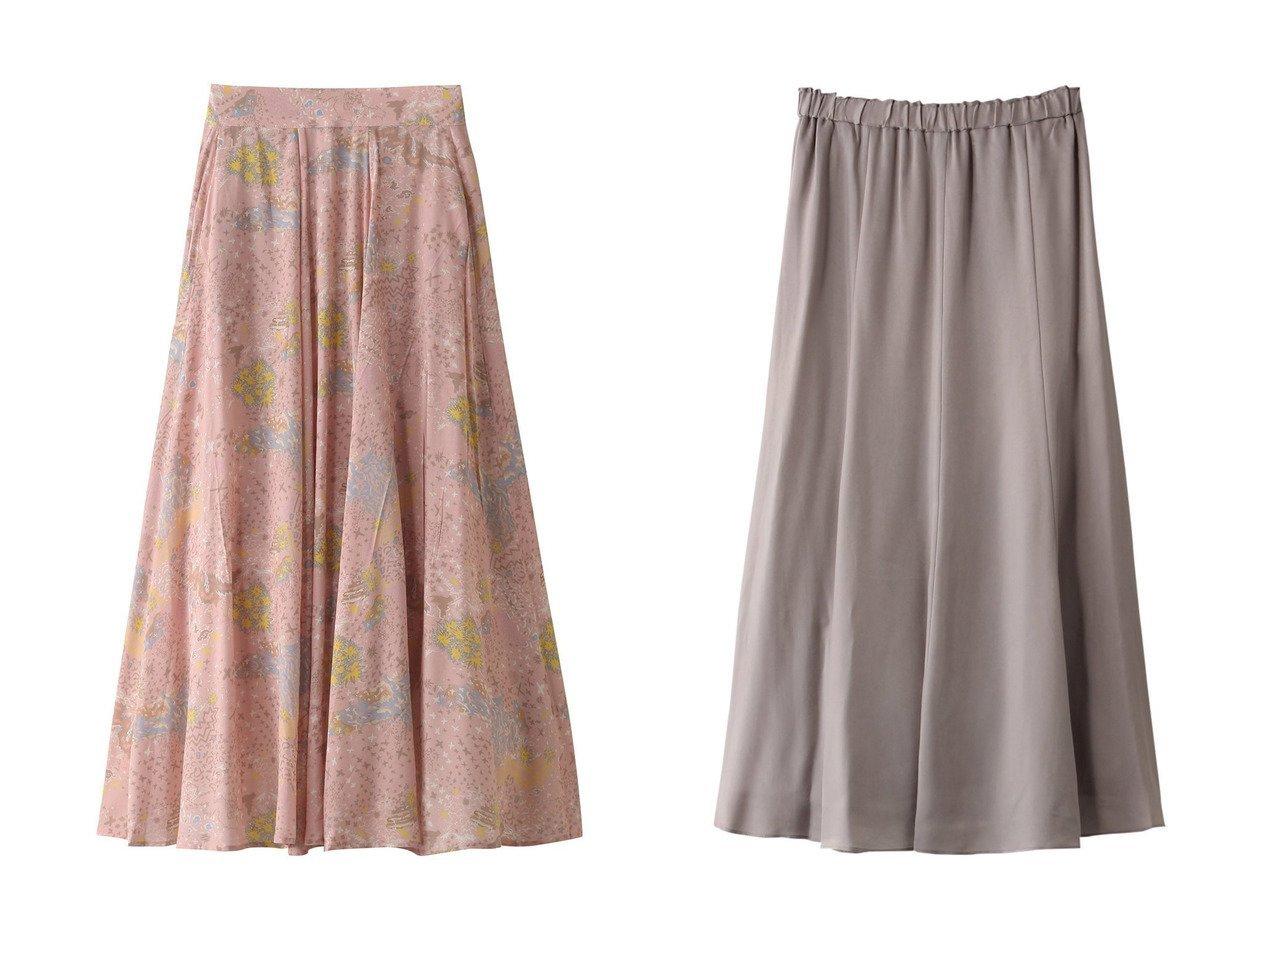 【ANAYI/アナイ】のフィブリルキュプラロングフレアスカート&【ZADIG & VOLTAIRE/ザディグ エ ヴォルテール】のJOYO PRINT GLAM ROCK JUPE スカート 【スカート】おすすめ!人気、トレンド・レディースファッションの通販 おすすめで人気の流行・トレンド、ファッションの通販商品 メンズファッション・キッズファッション・インテリア・家具・レディースファッション・服の通販 founy(ファニー) https://founy.com/ ファッション Fashion レディースファッション WOMEN スカート Skirt Aライン/フレアスカート Flared A-Line Skirts キュプラ シンプル フレア ロング エアリー パーティ フェミニン プリント 春 Spring |ID:crp329100000029599